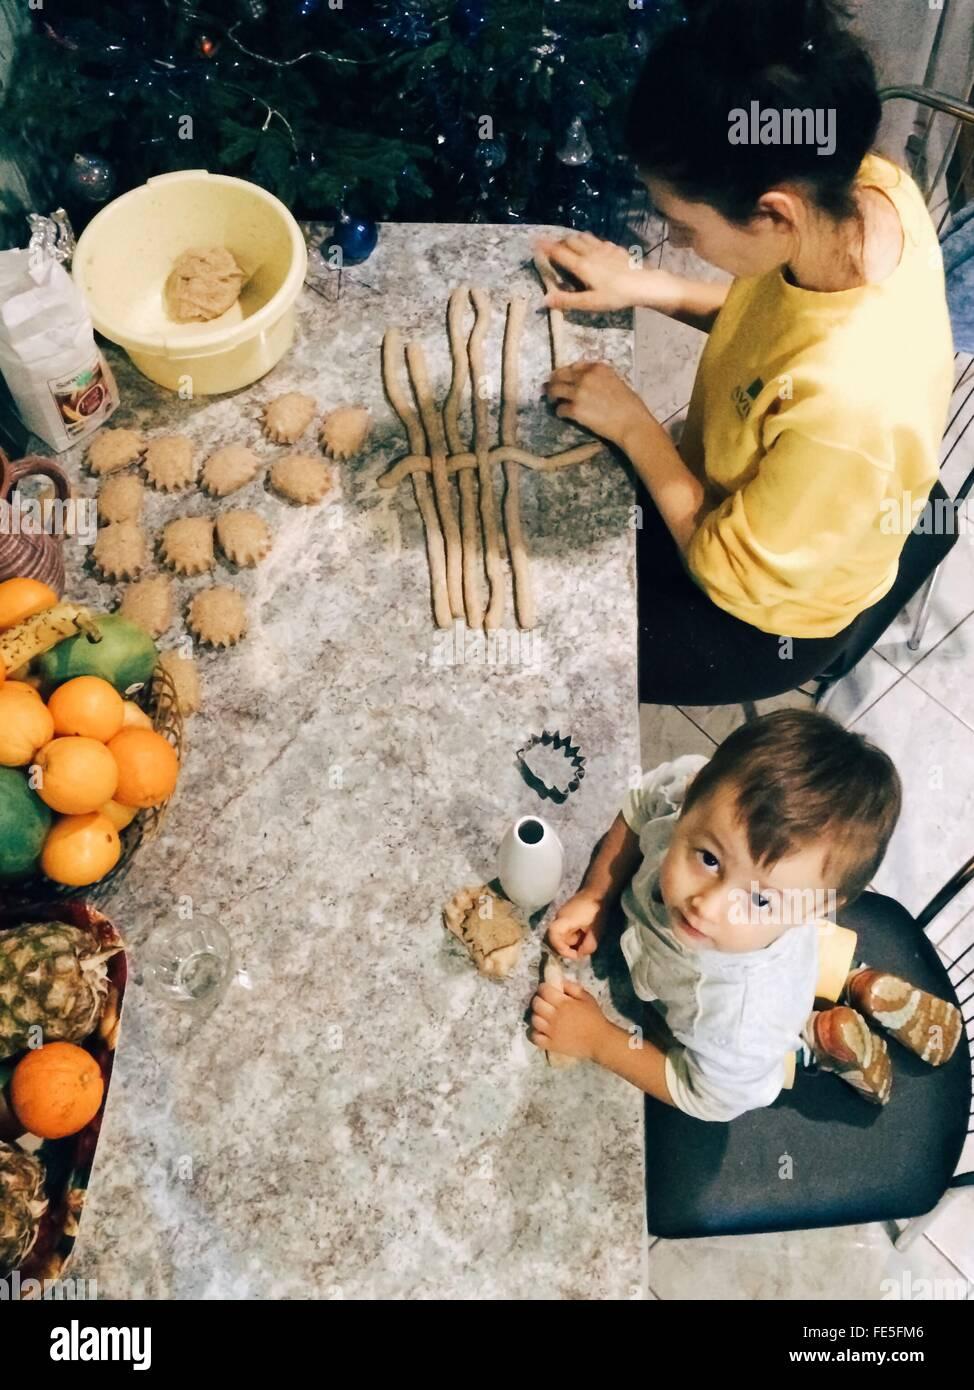 Fils de mère en aidant à préparer les aliments sur la table Photo Stock